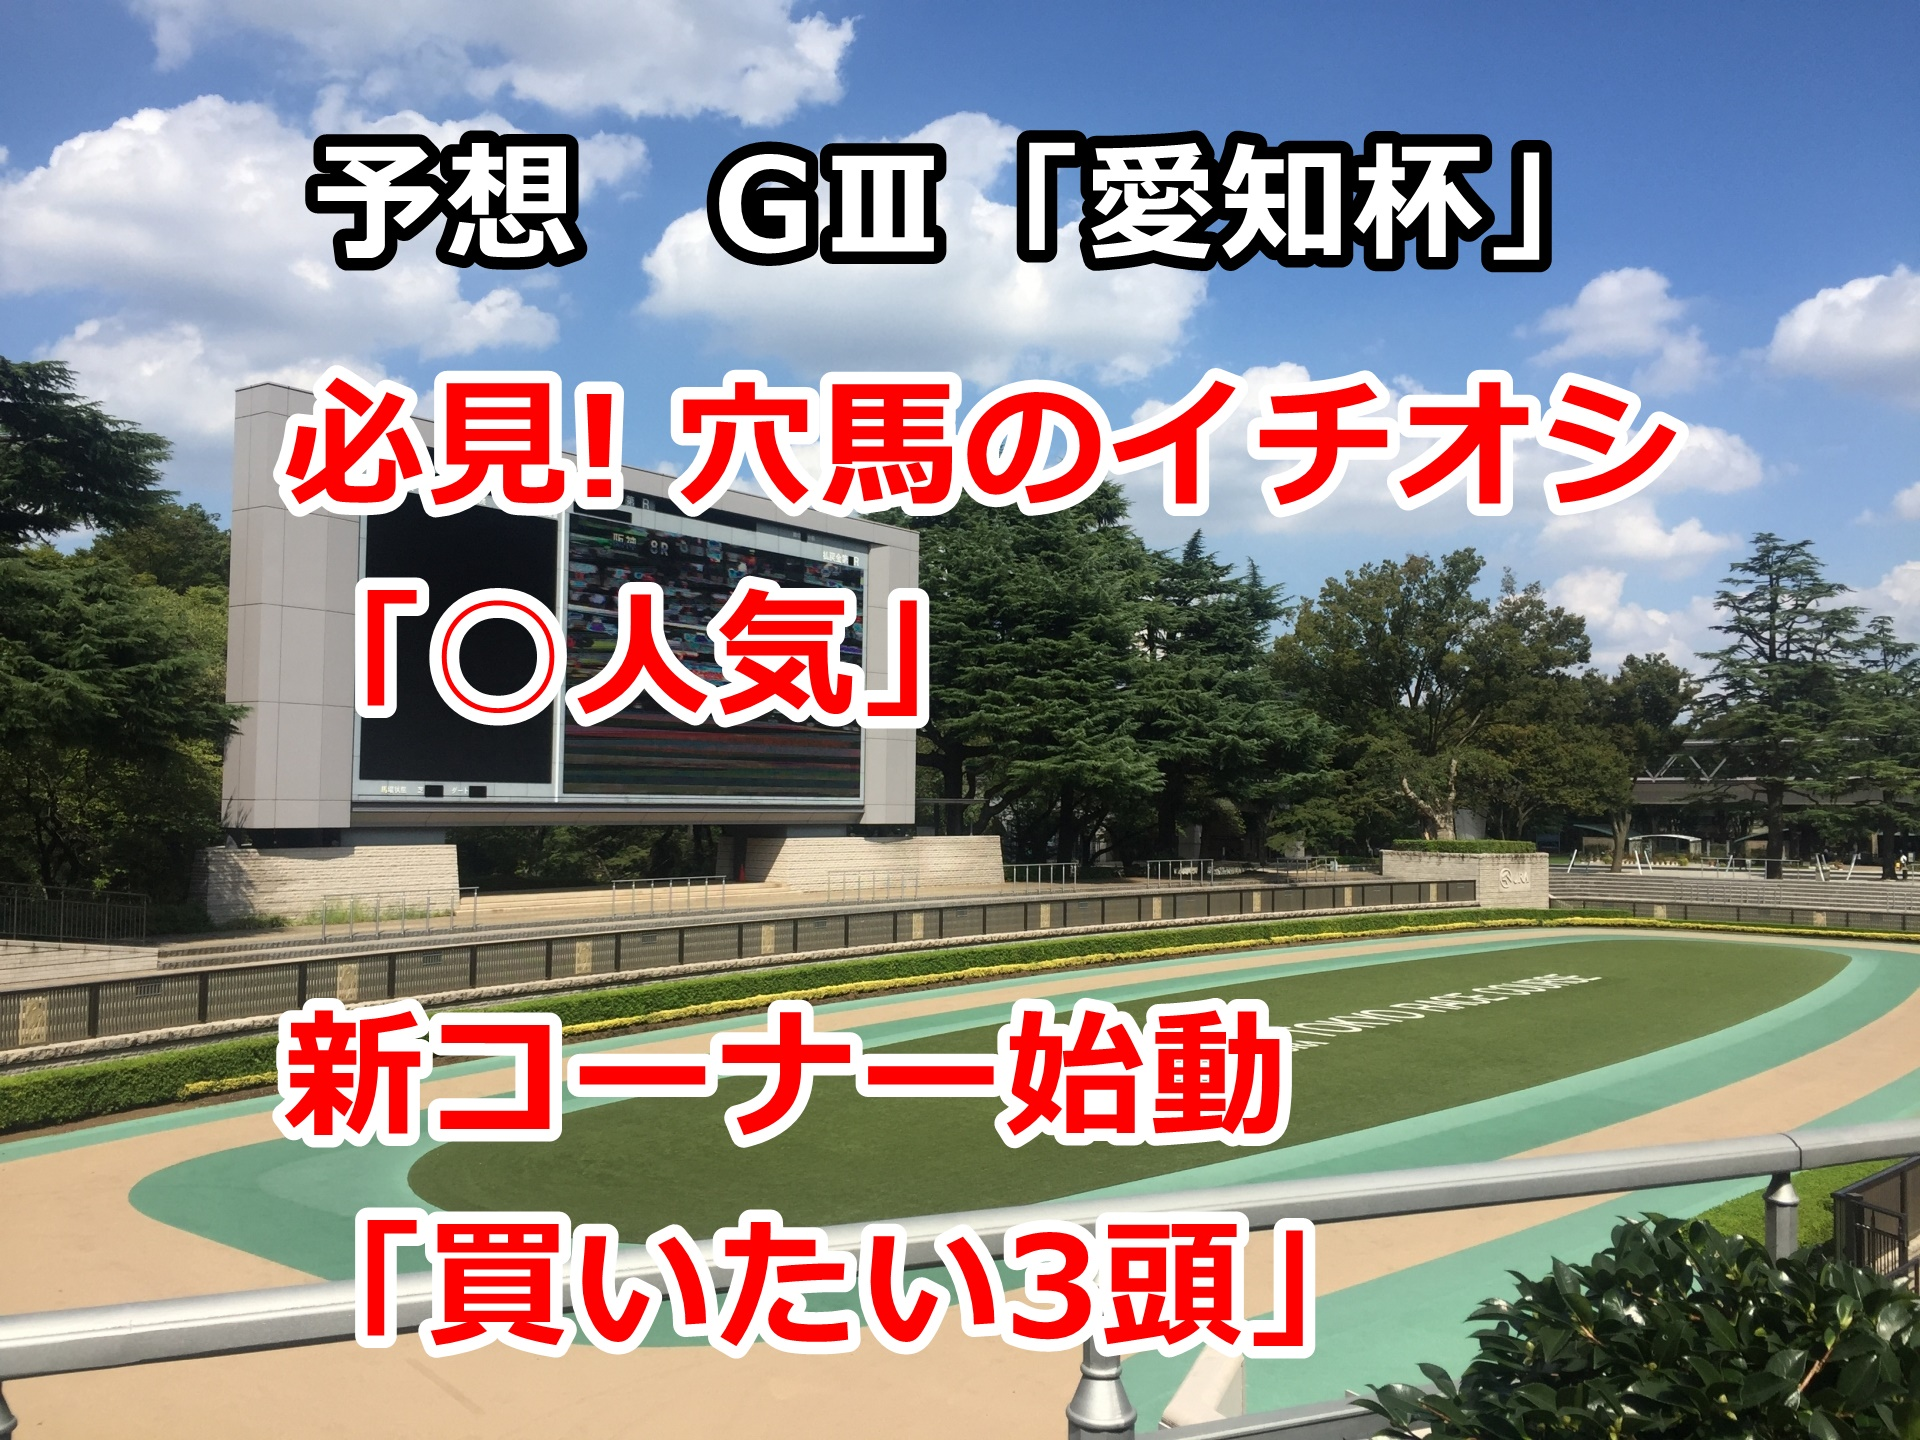 【競馬】愛知杯の予想 新コーナー始動「買いたい3頭」 第41回